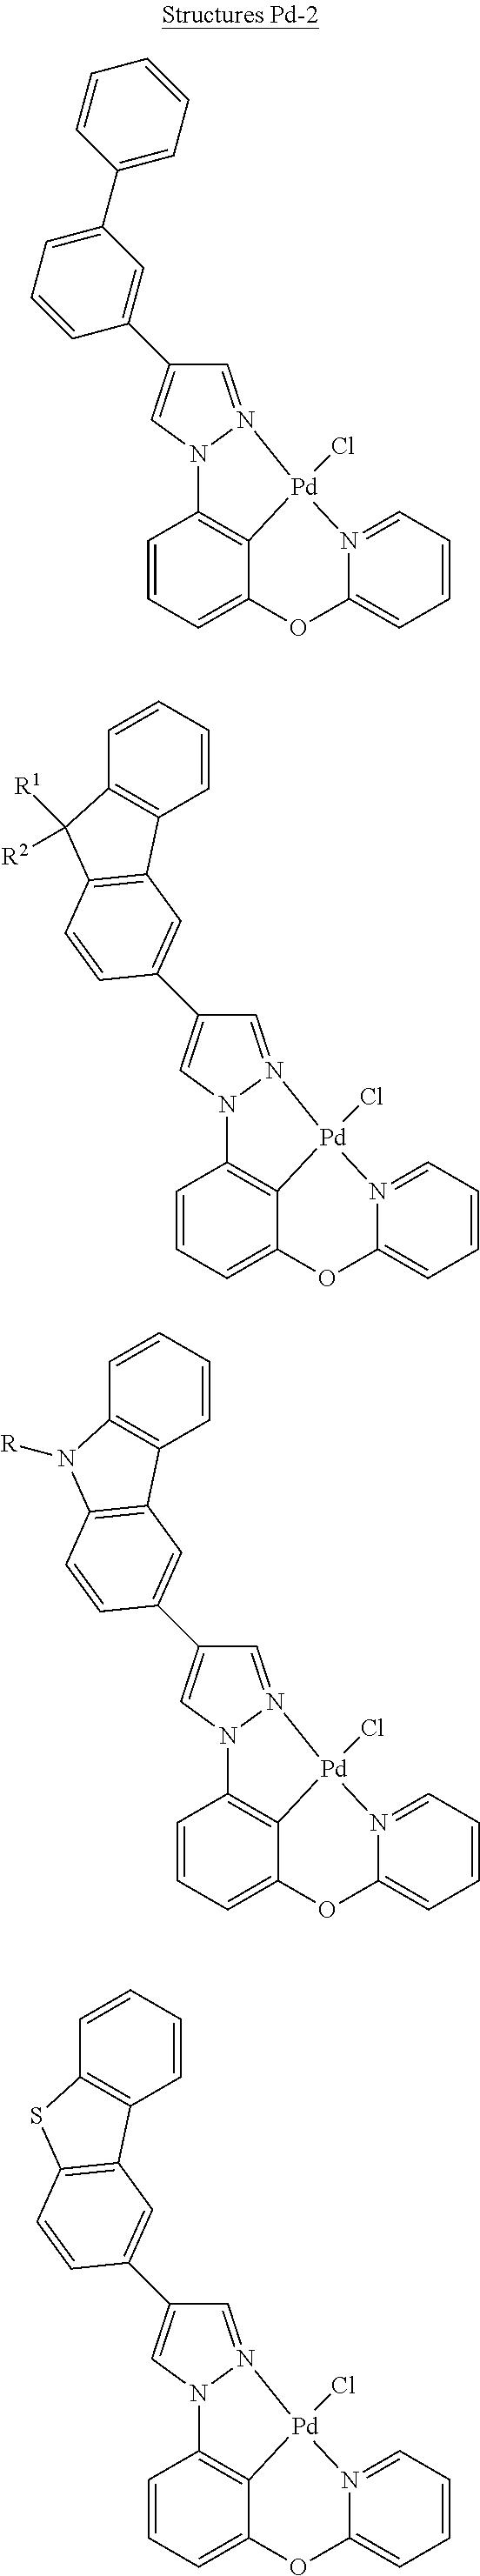 Figure US09818959-20171114-C00175